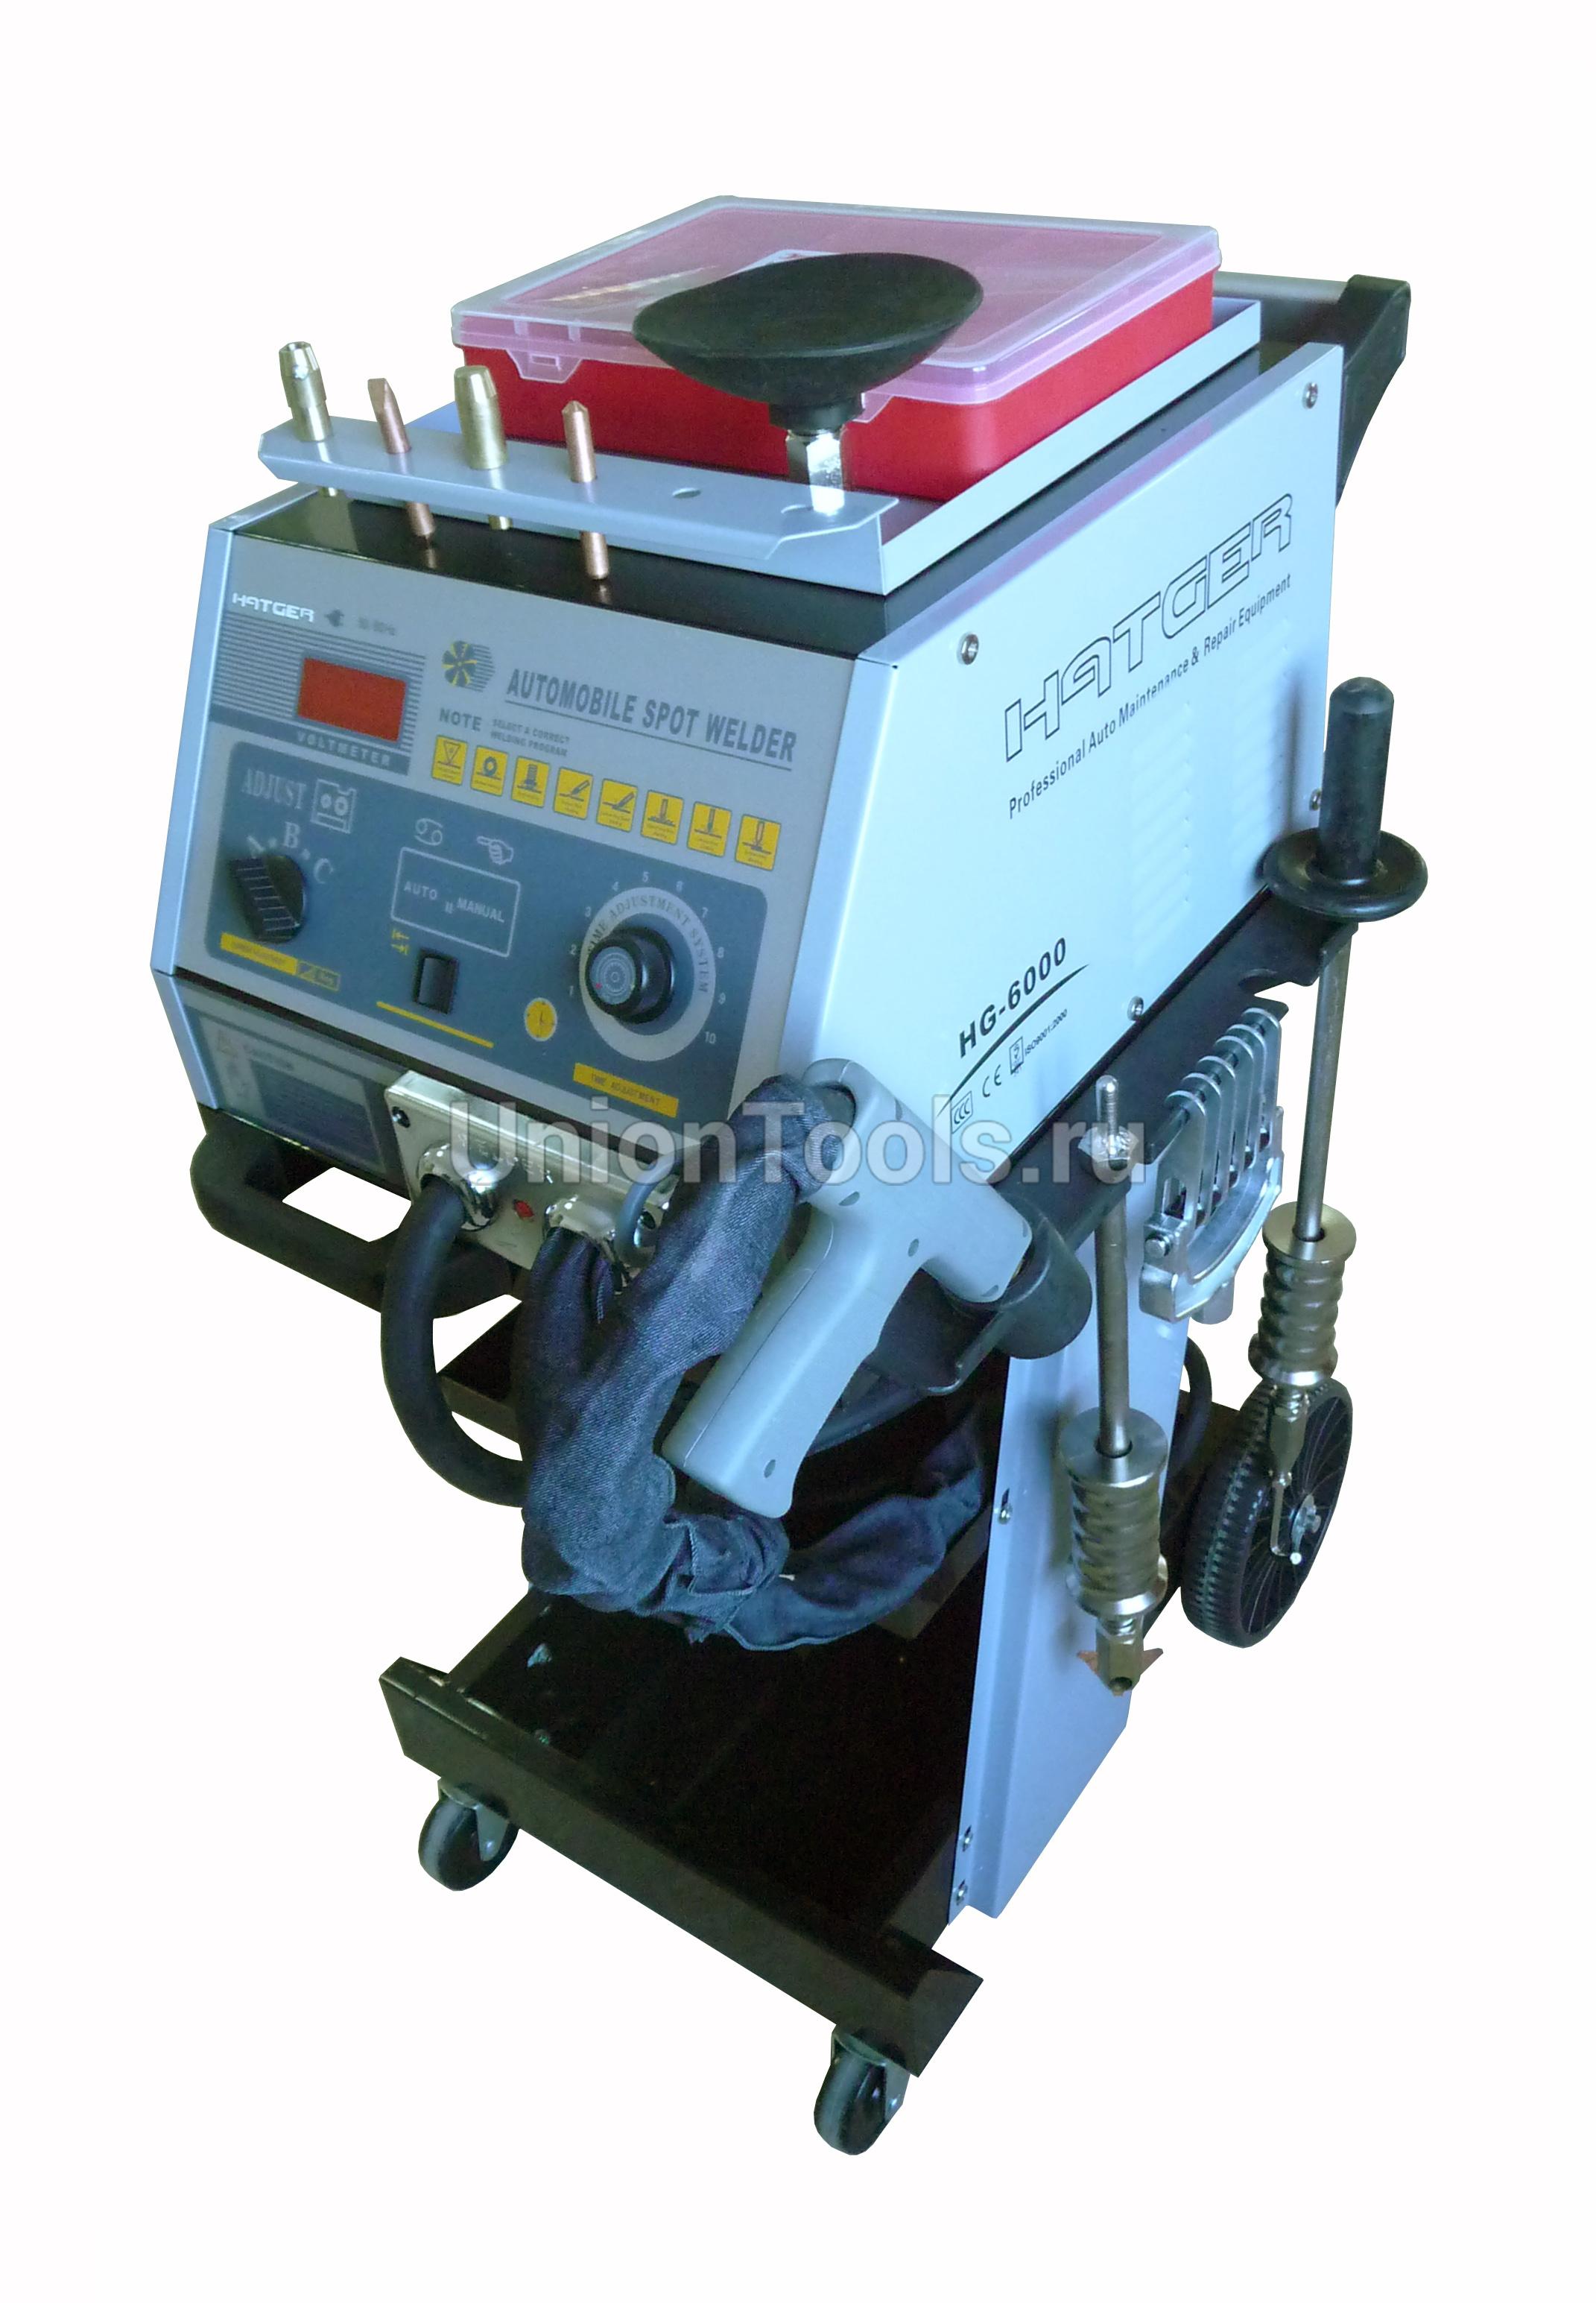 Однофазный электронный сварочный аппарат точечной сварки HG-6000